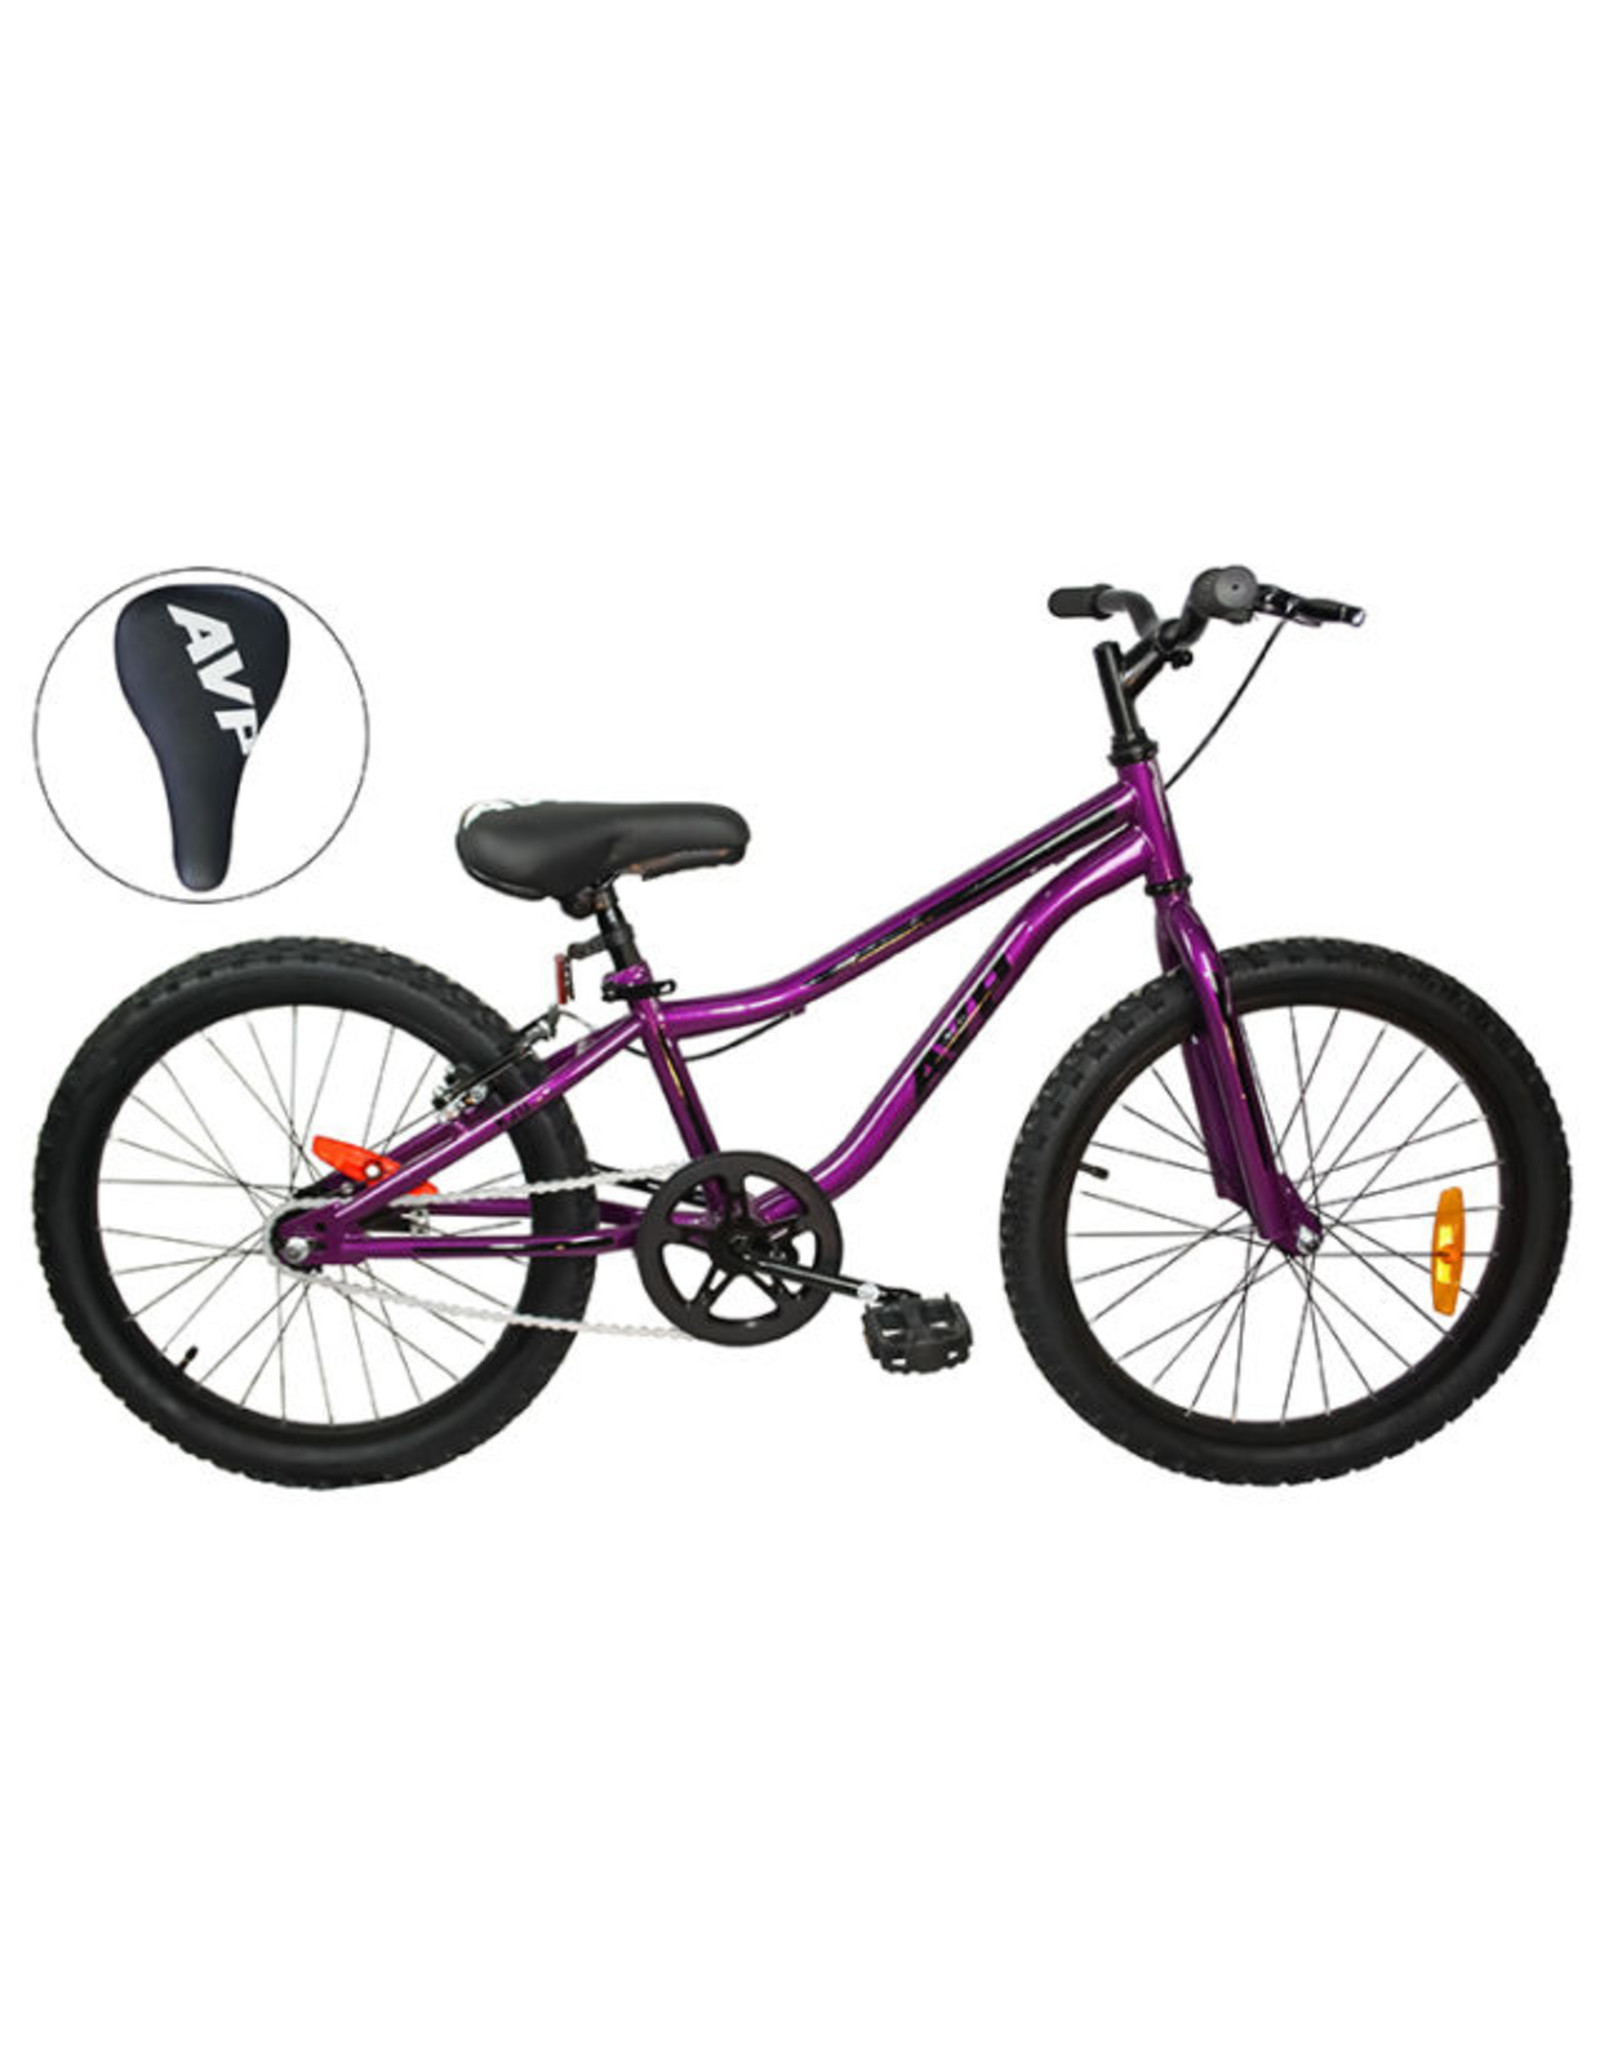 Vélo junior AVP K20 à rétropédalage Mauve/Noir